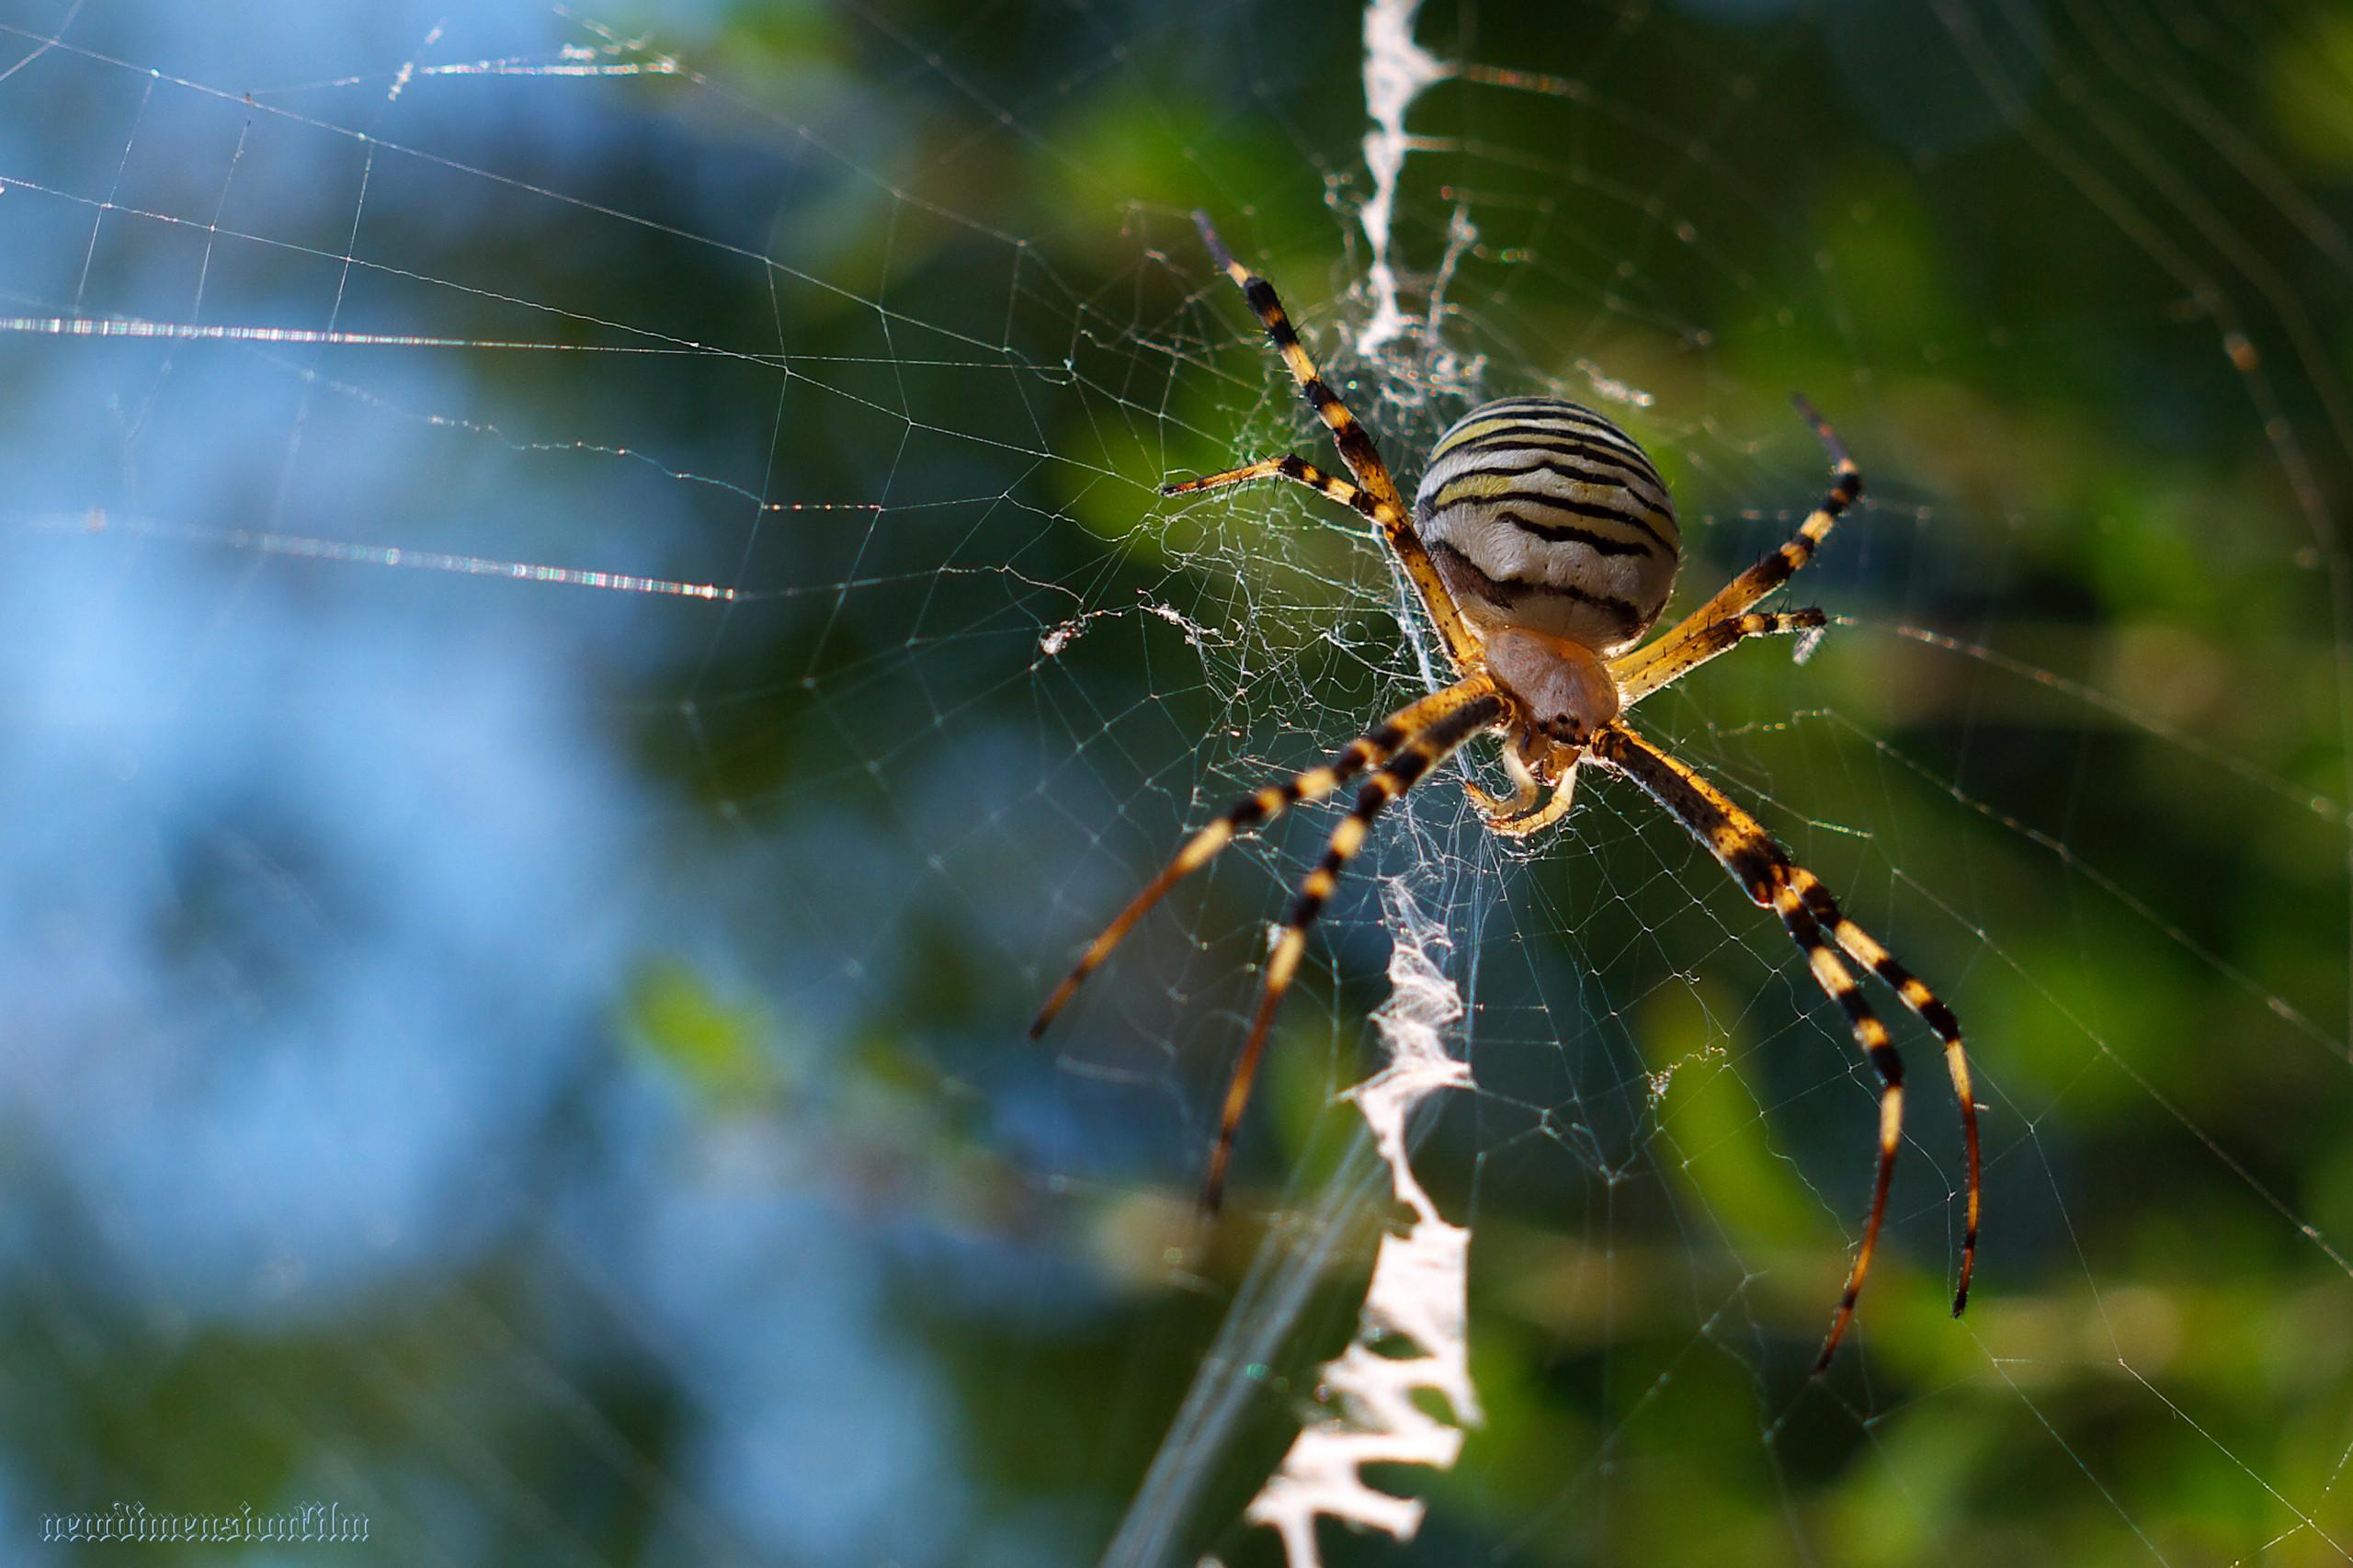 говорить толщине, красивые названия пауков с фото действительно, это